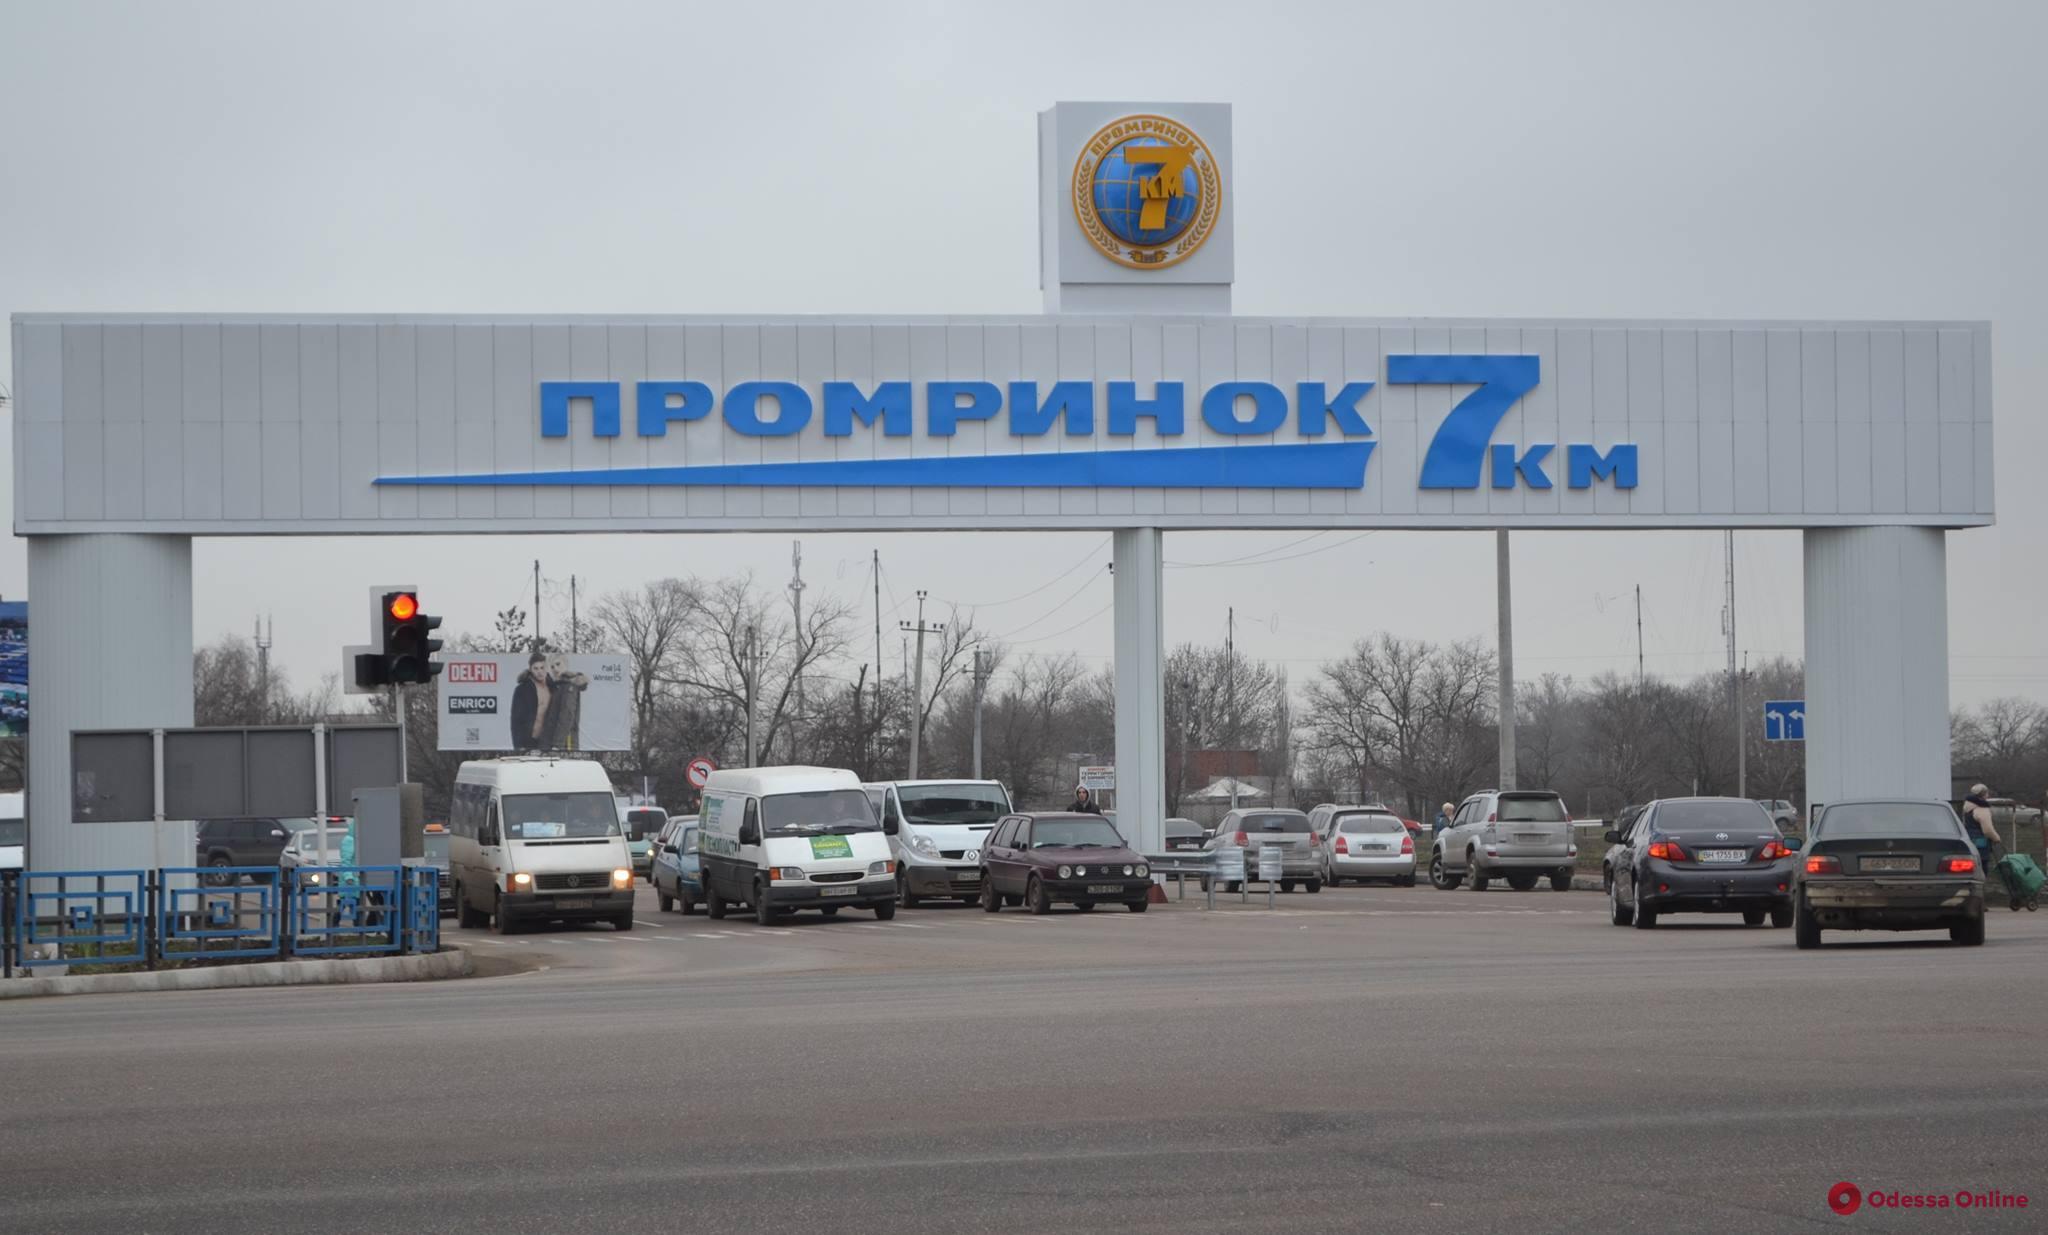 Карантин: промрынок «7 километр» ограничивает работу